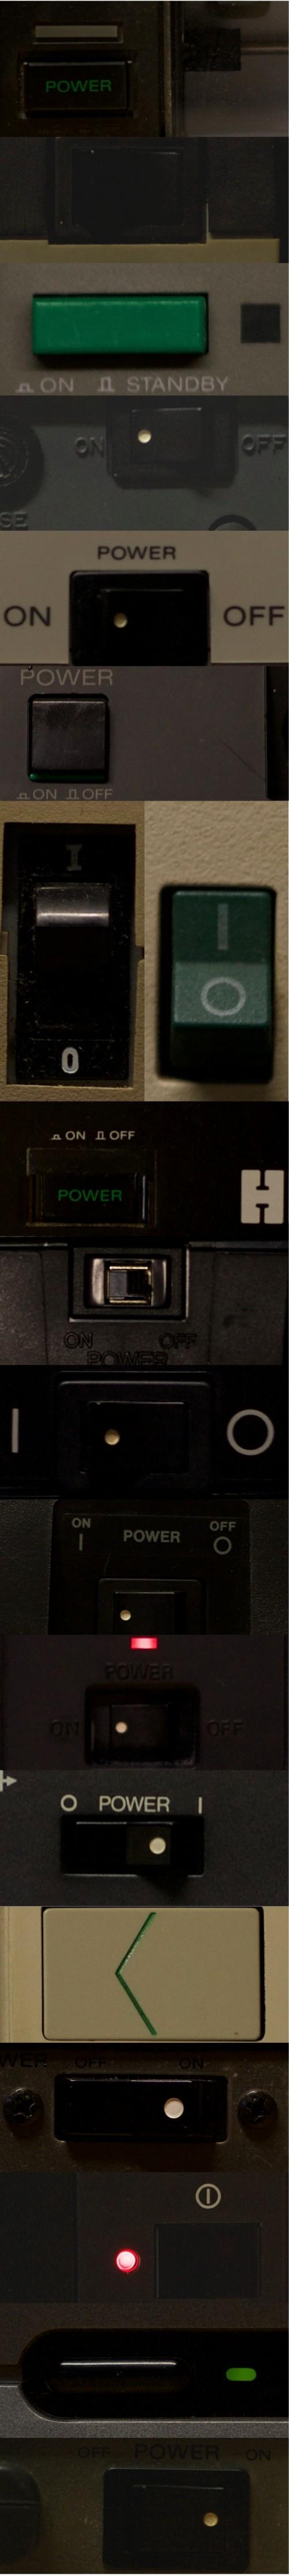 PressPowera985c.jpg